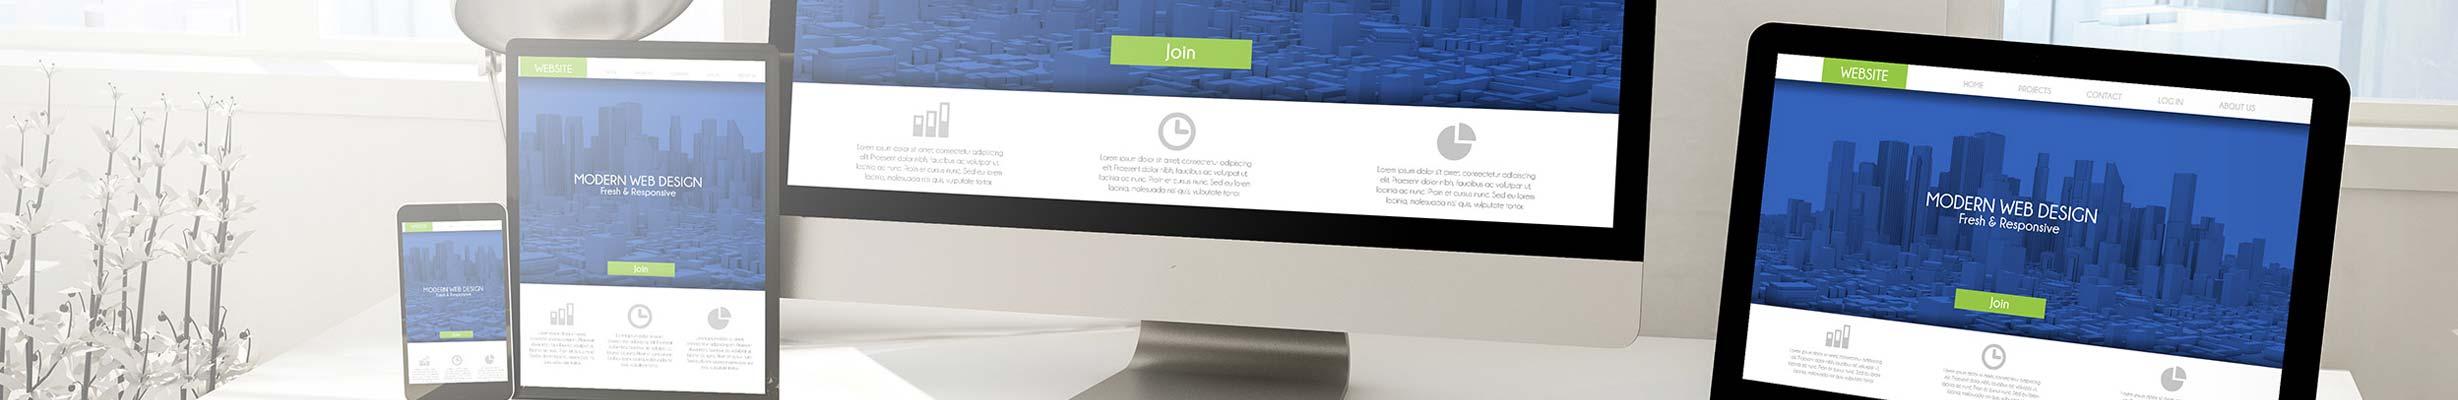 Webdesign Referenzen